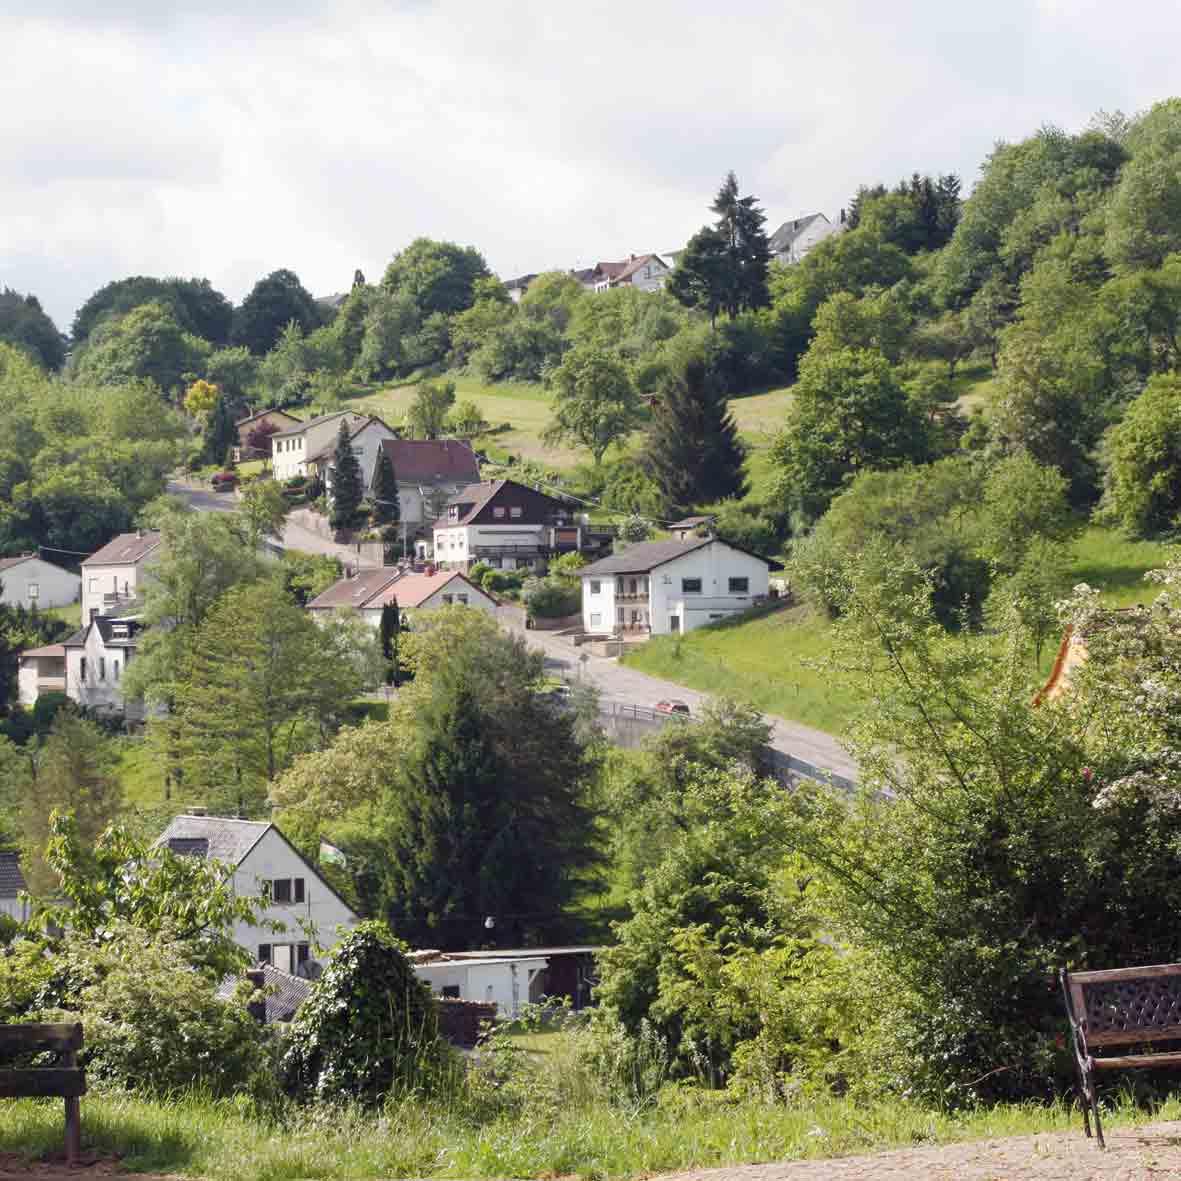 Saarhoelzbach